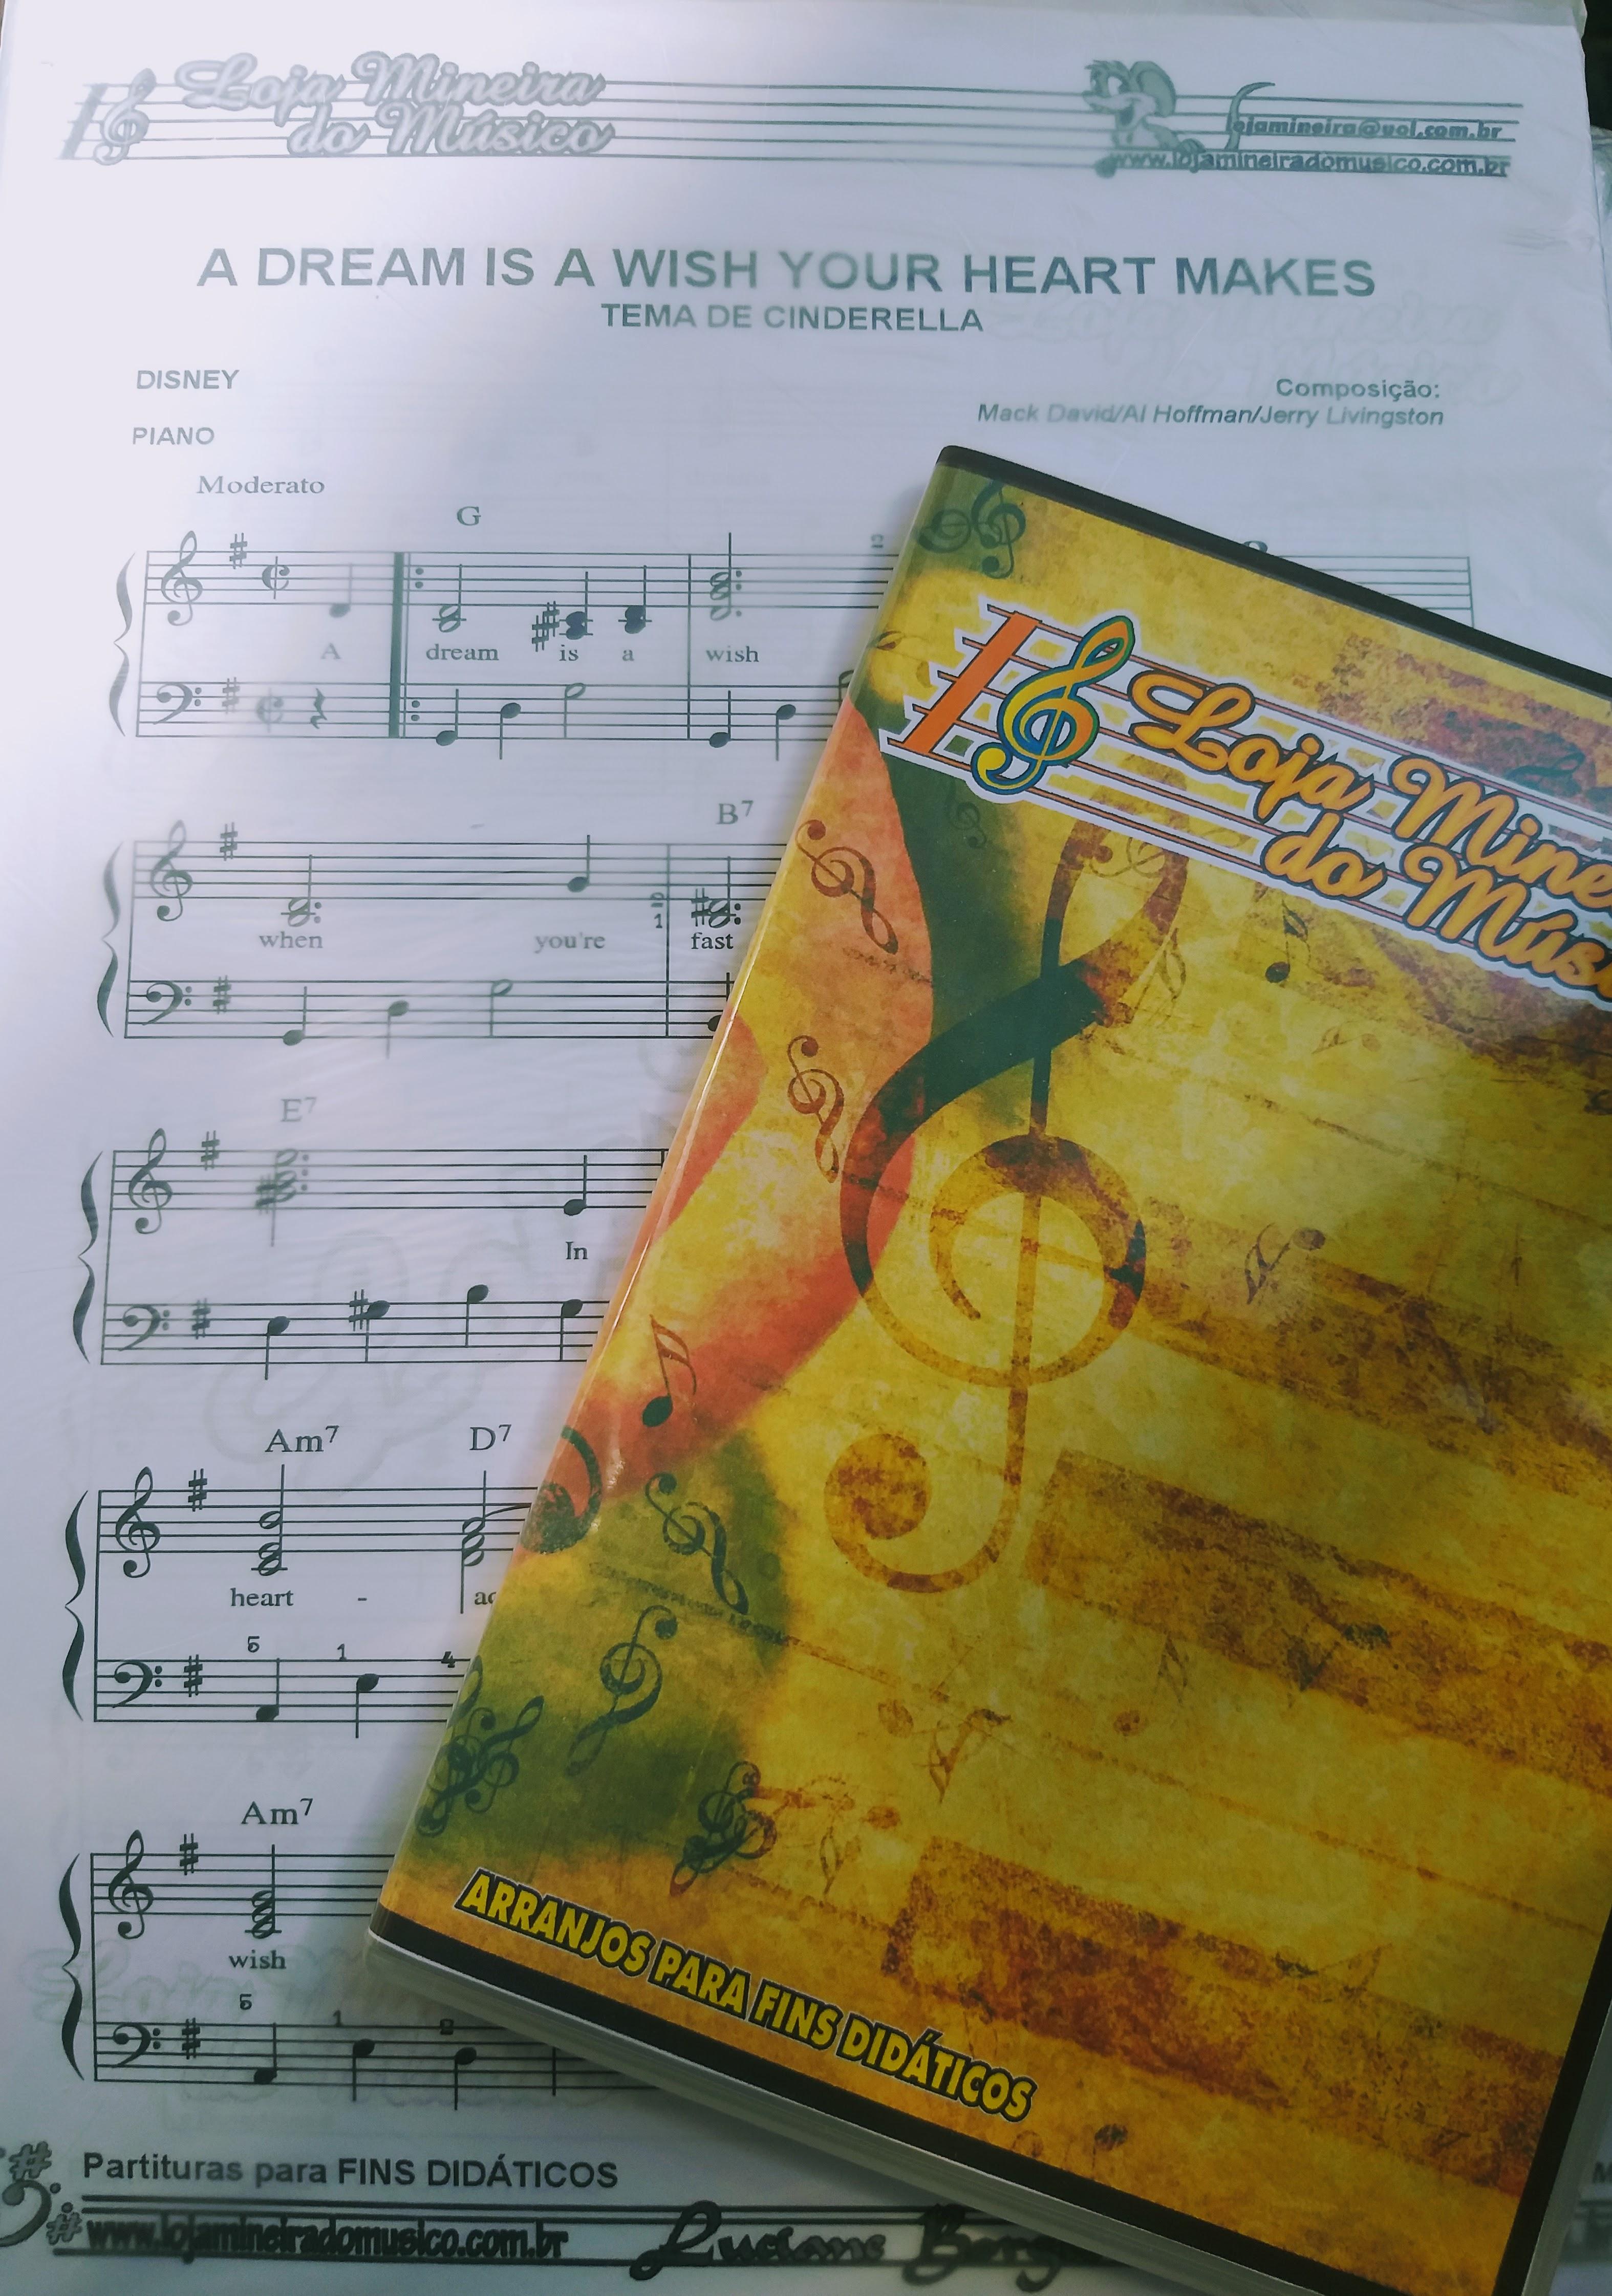 A dream is a wish Cinderela Partitura para Piano em PDF Loja Mineira do Musico